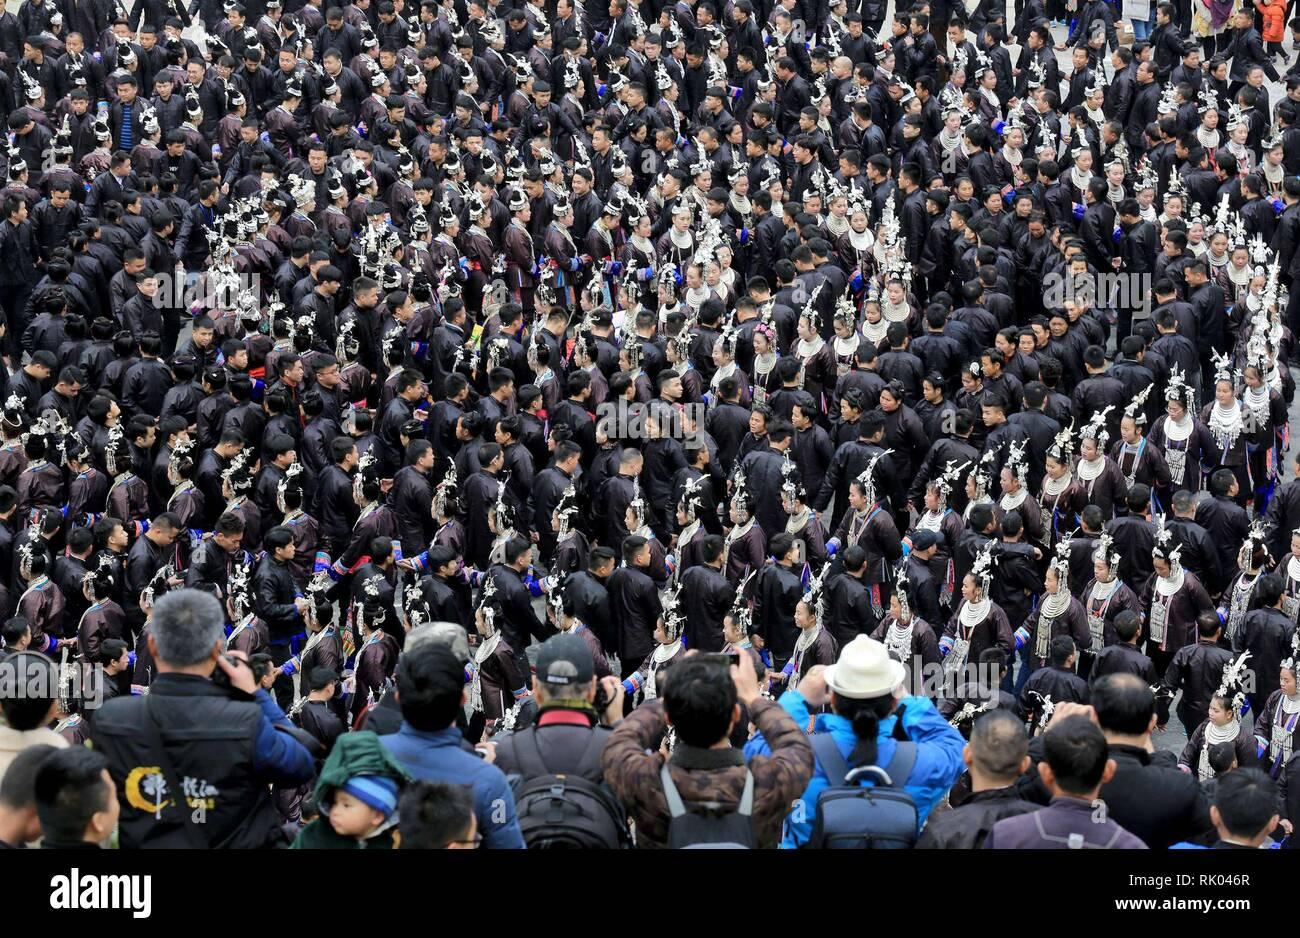 Qiandongnan, province du Guizhou en Chine. Feb 8, 2019. Les gens de l'ethnie Dong effectuer pendant le Festival de Printemps vacances d'été à Dingdong Village de Qiandongnan Préfecture autonome Miao et Dong, au sud-ouest de la province du Guizhou, en Chine, le 8 février 2019. Credit: Long Tao/Xinhua/Alamy Live News Photo Stock